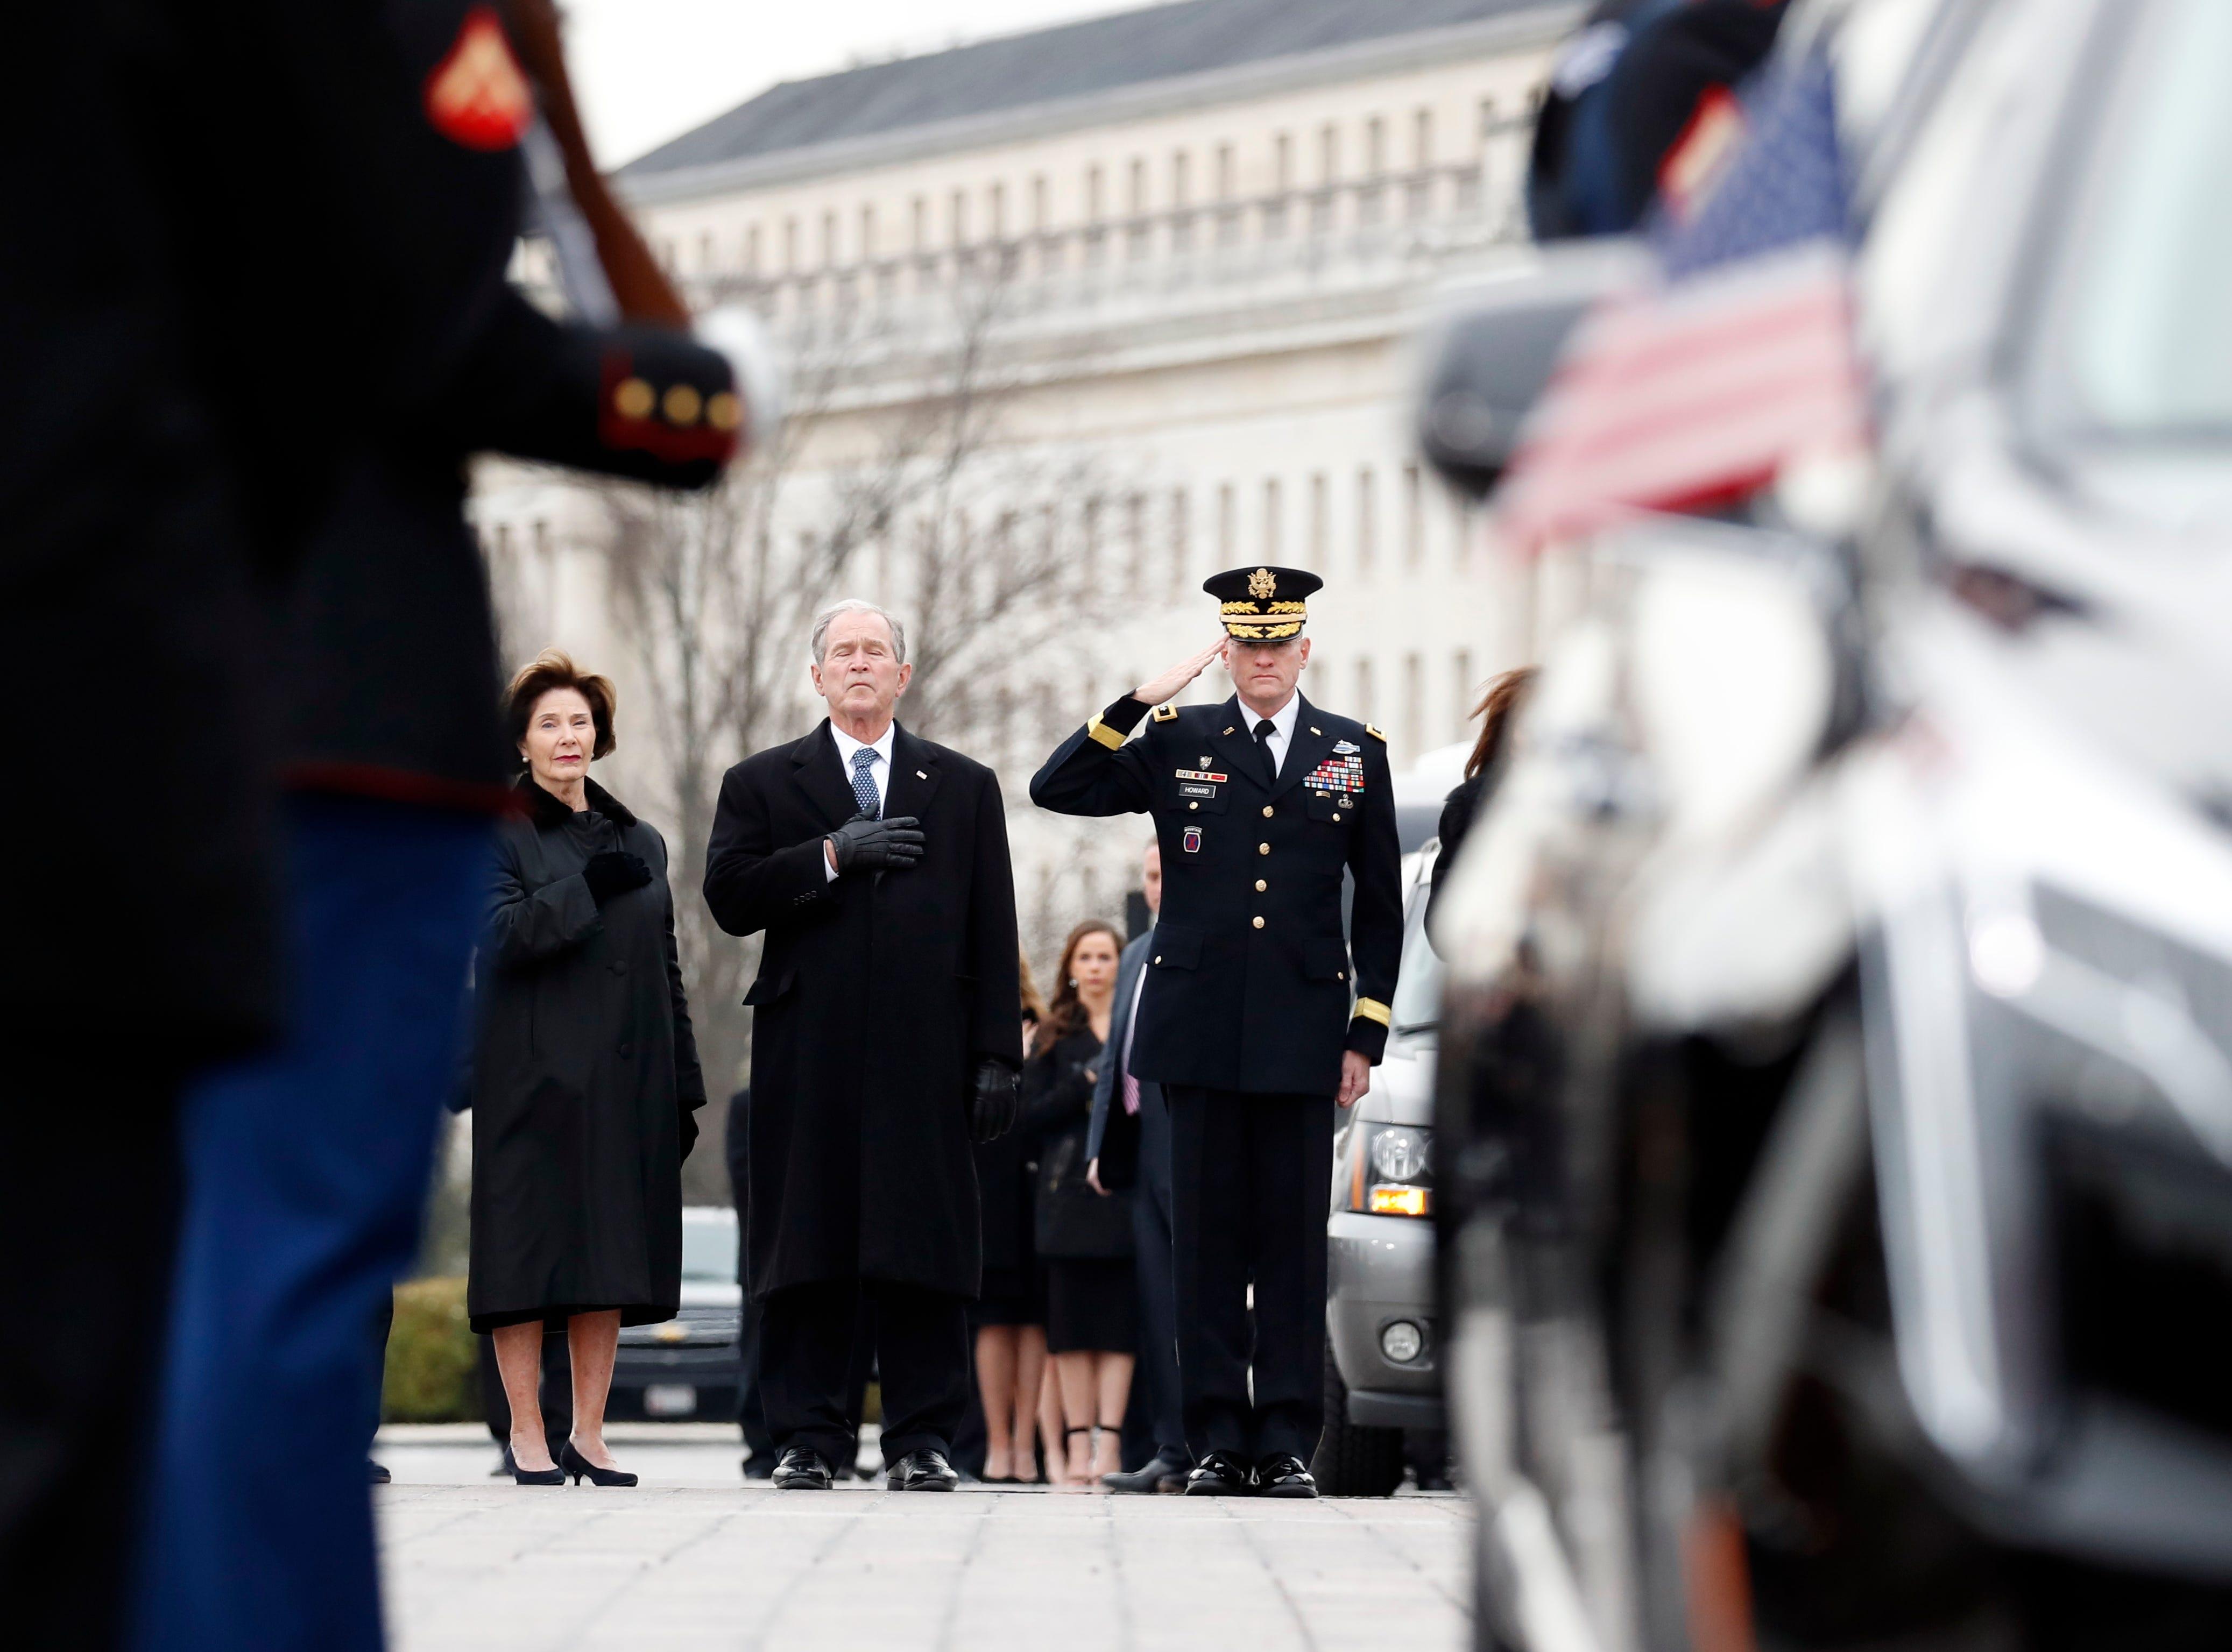 El ex presidente George W. Bush y la ex primera dama Laura Bush ponen sus manos sobre sus corazones mientras una guardia de honor militar de servicios conjuntos lleva el ataúd cubierto por la bandera del ex presidente de los Estados Unidos, George HW Bush, desde el Capitolio de los EE. UU. a la Catedral Nacional de Washington en diciembre 5, 2018 en Washington, DC.